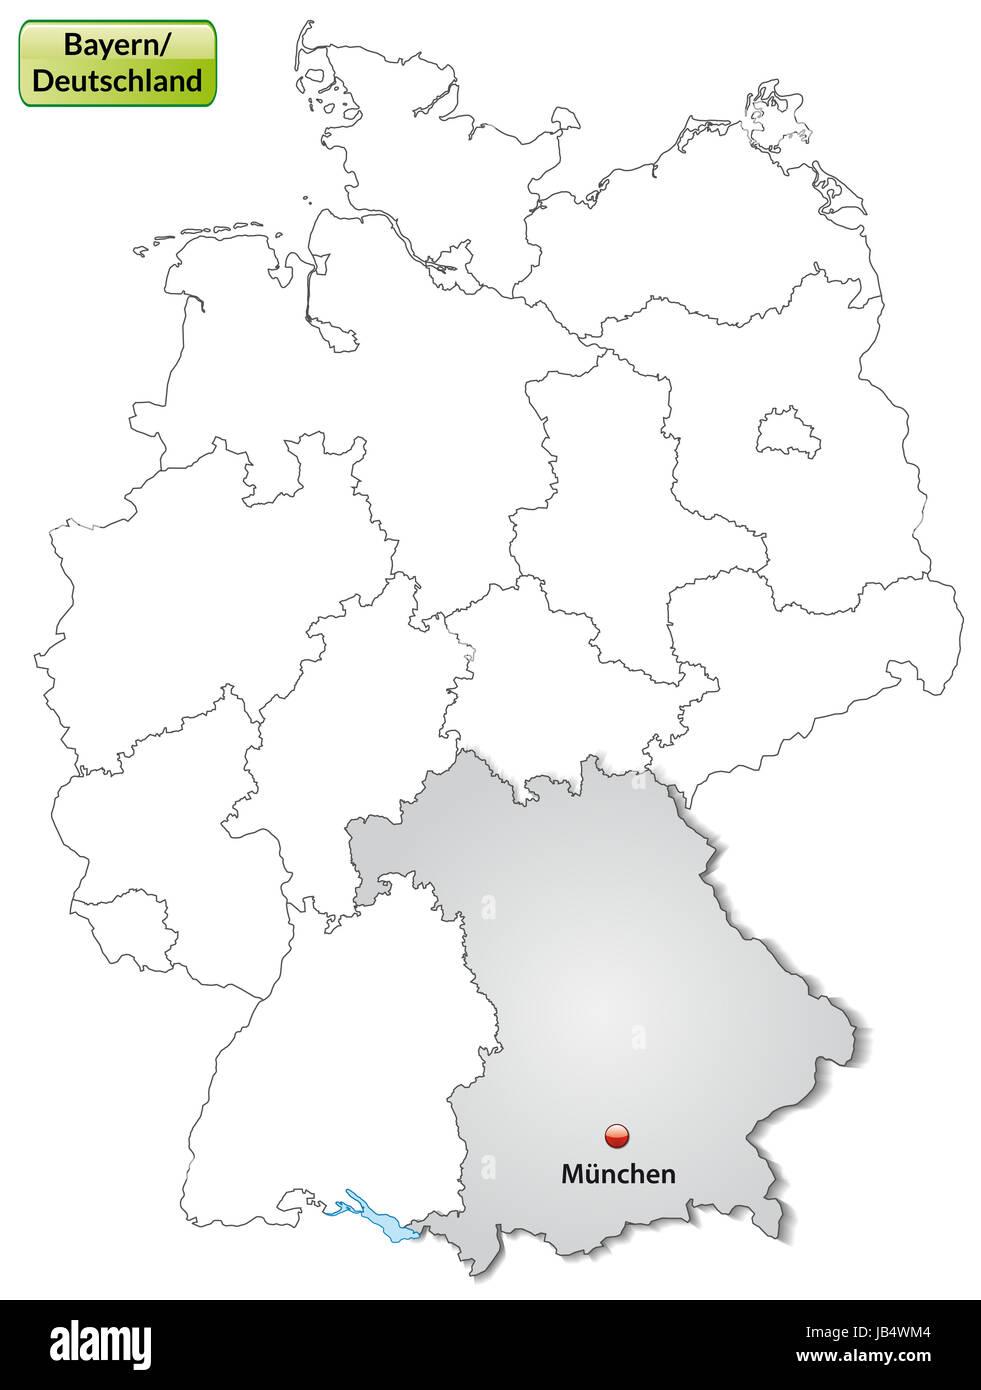 Deutschland Karte Bayern Munchen Stock Photos Deutschland Karte